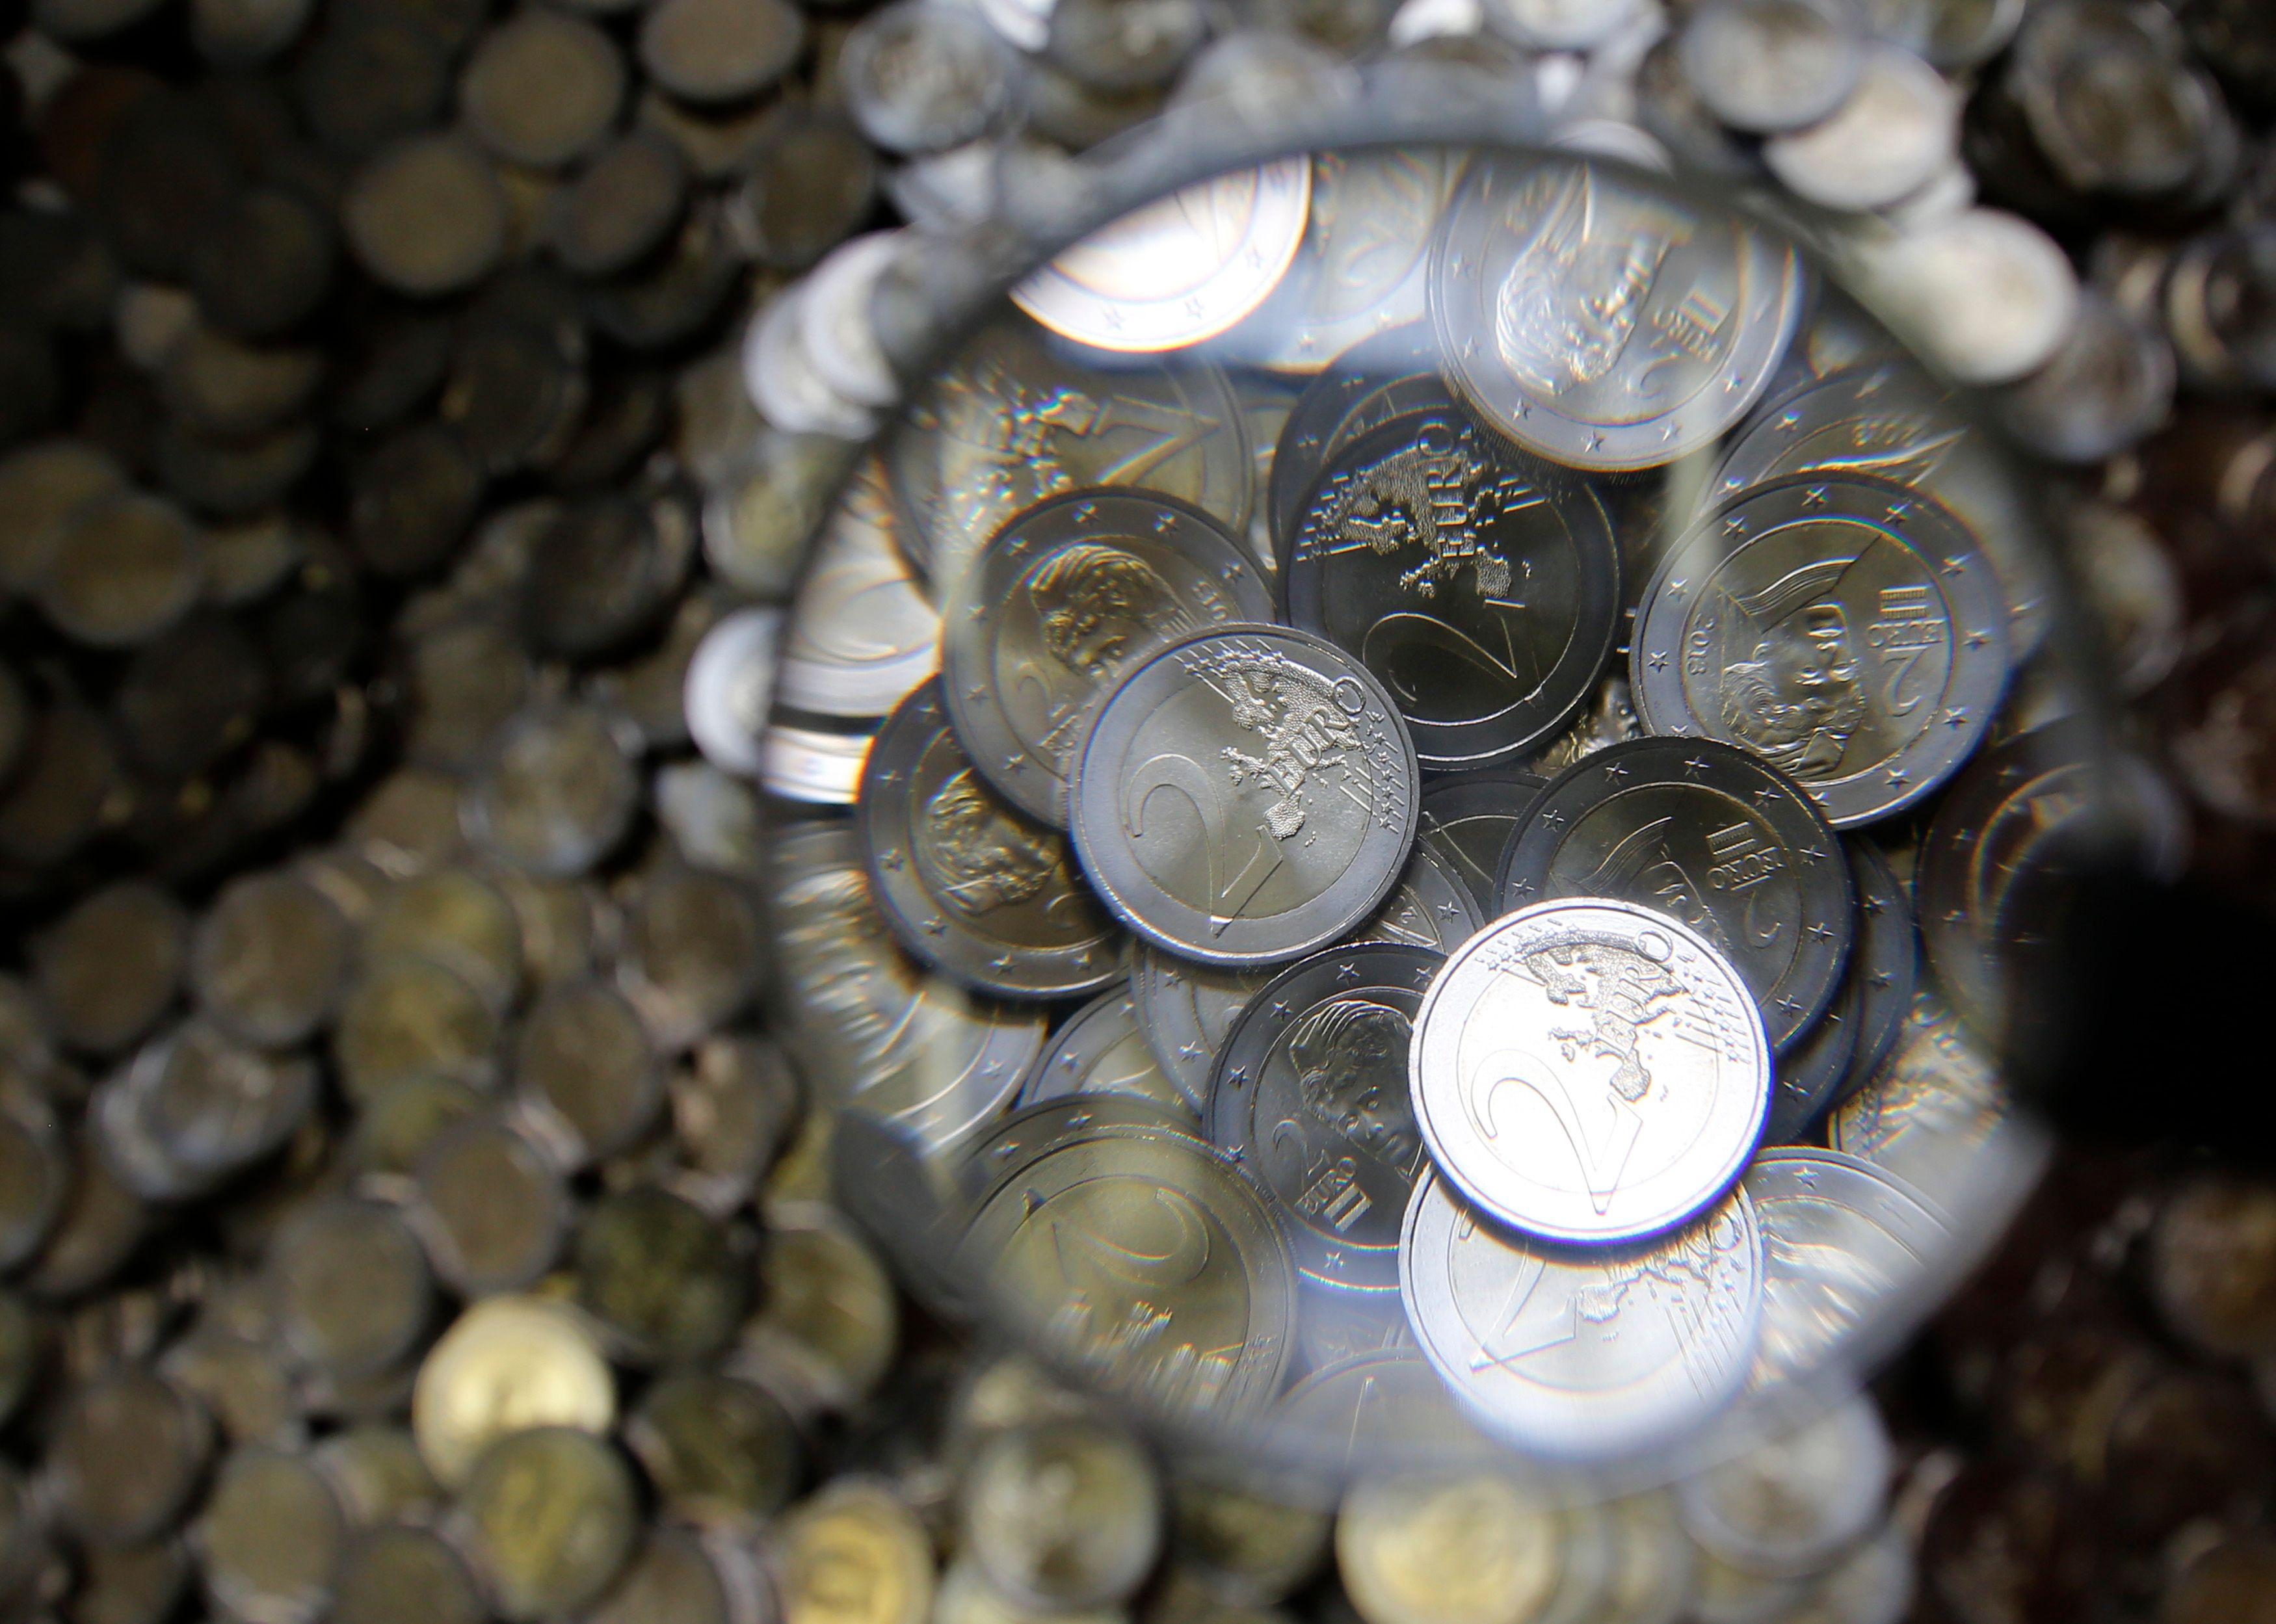 Le gouvernement annonce 2,7%, Alain Juppé rétorque 3,5%... Mais comment estimer sincèrement la réalité du trou budgétaire pour l'année 2017 ?